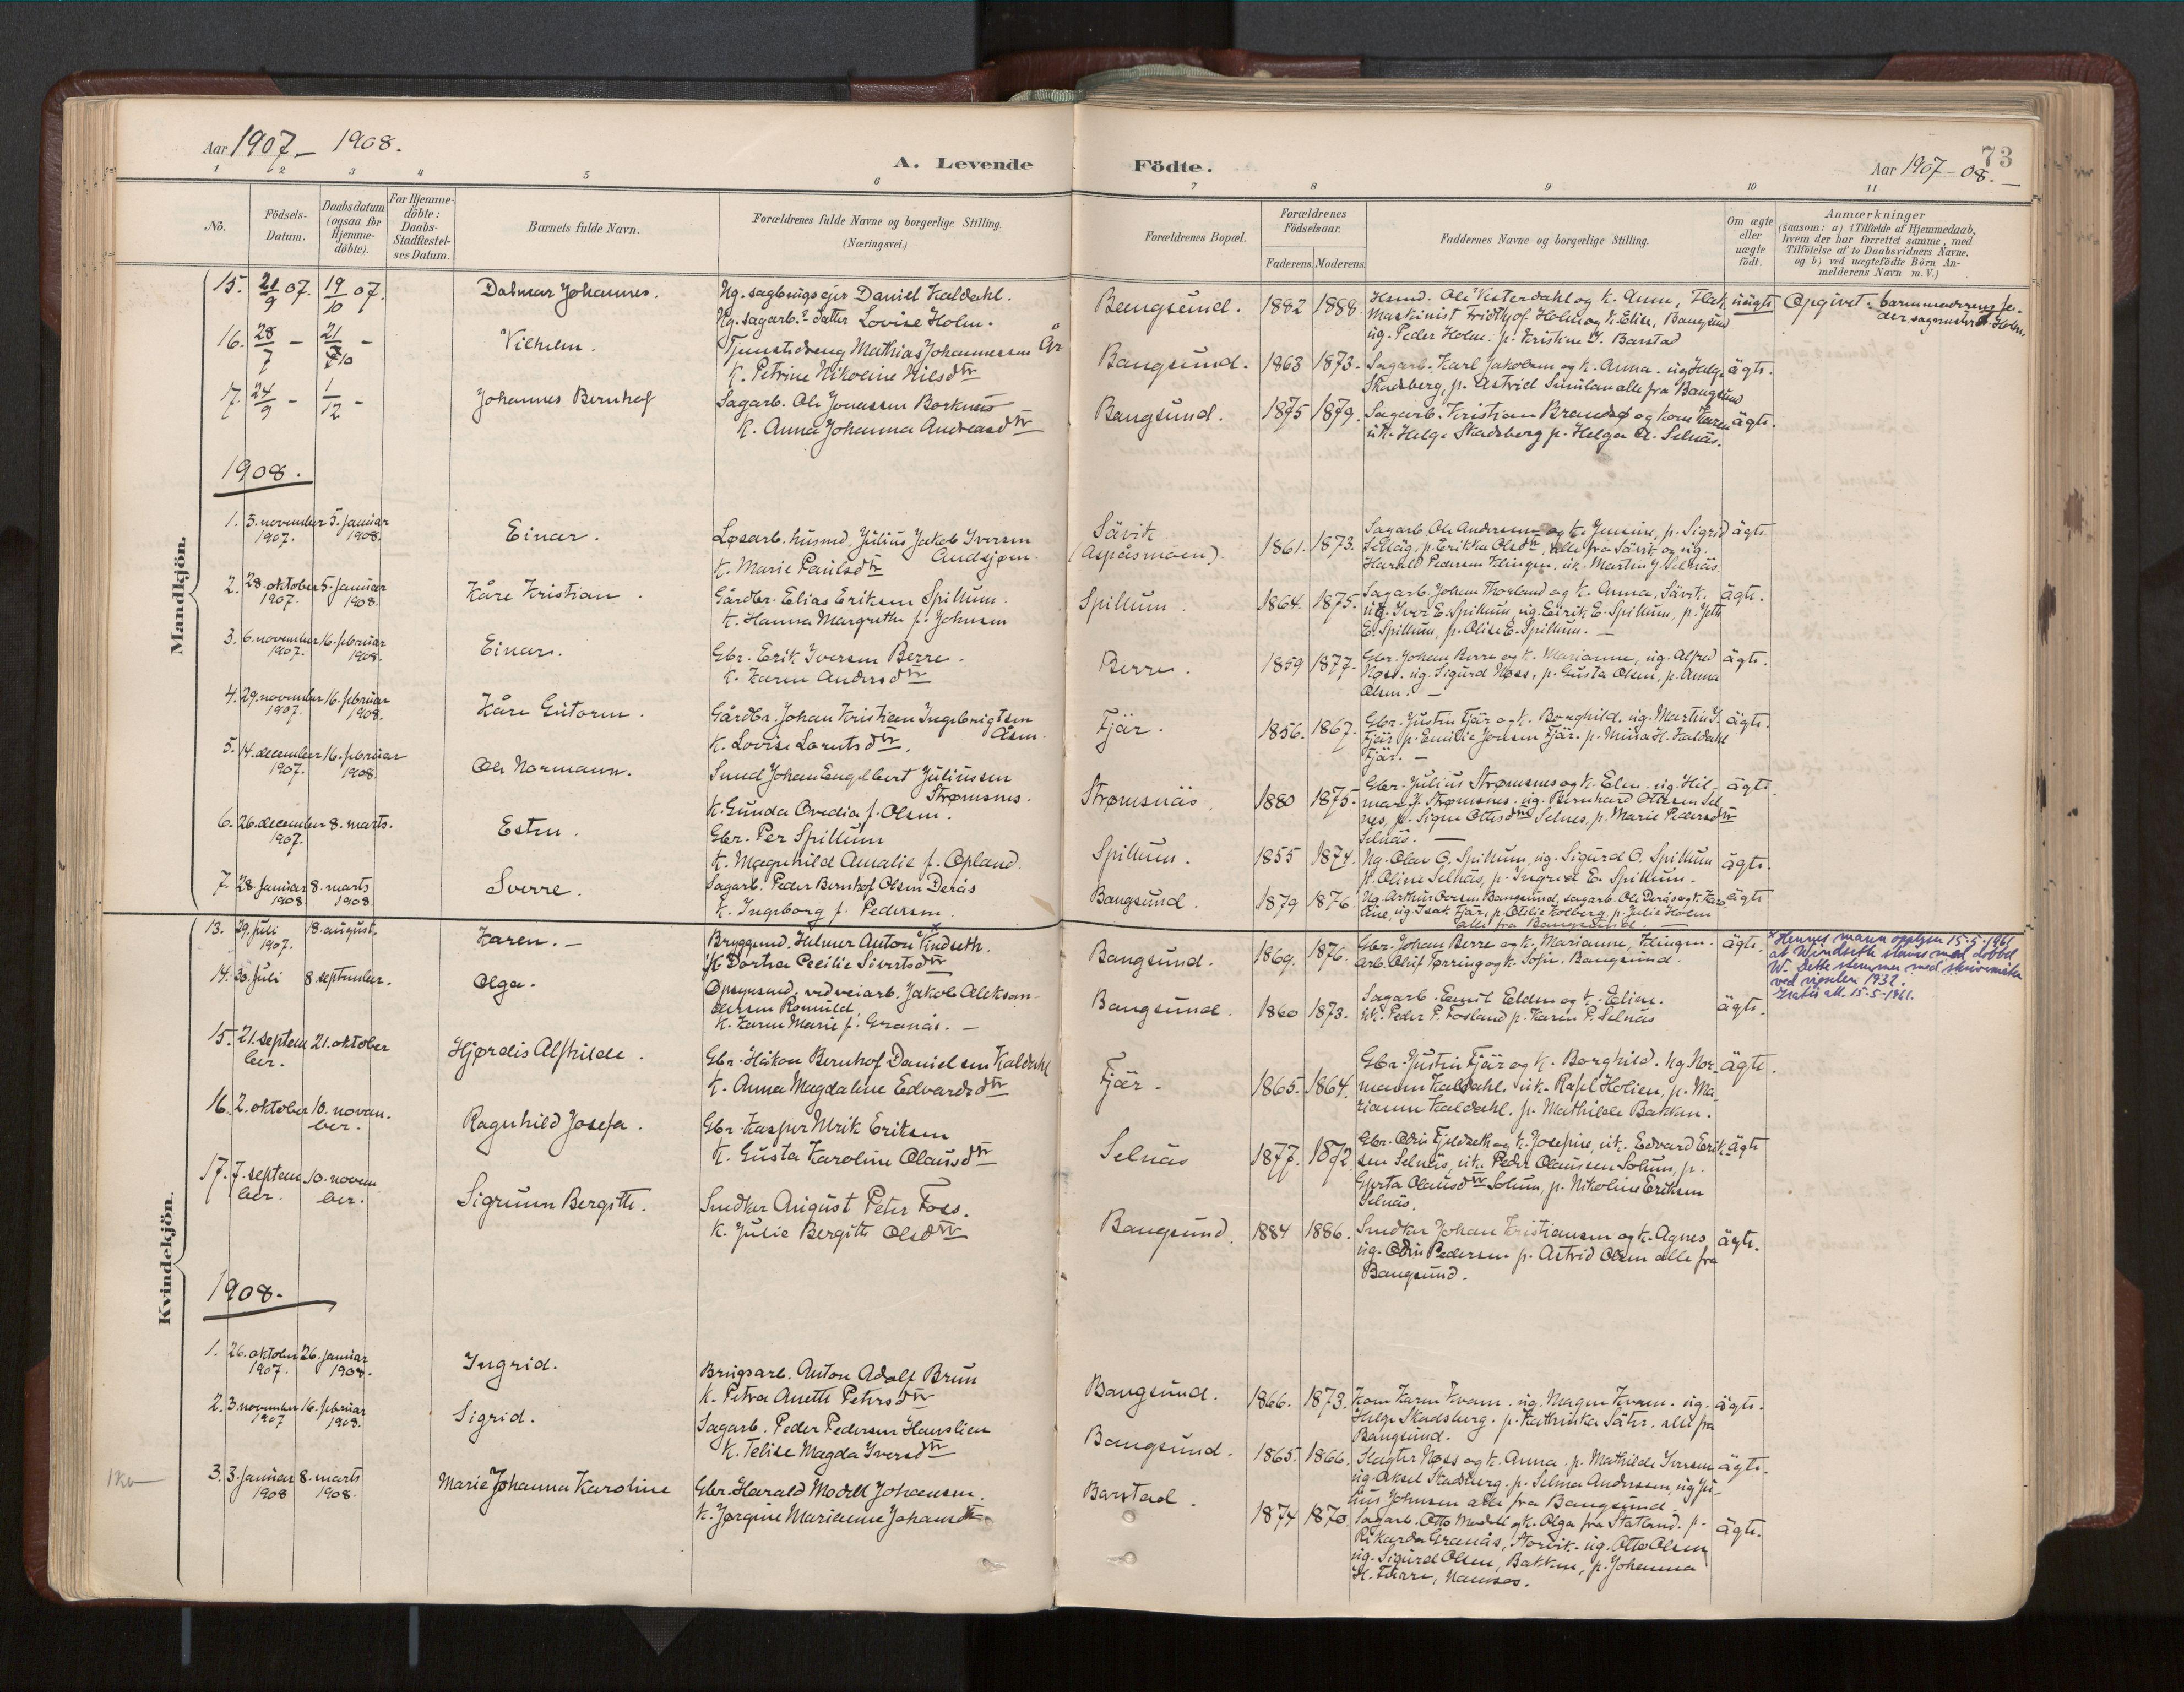 SAT, Ministerialprotokoller, klokkerbøker og fødselsregistre - Nord-Trøndelag, 770/L0589: Ministerialbok nr. 770A03, 1887-1929, s. 73